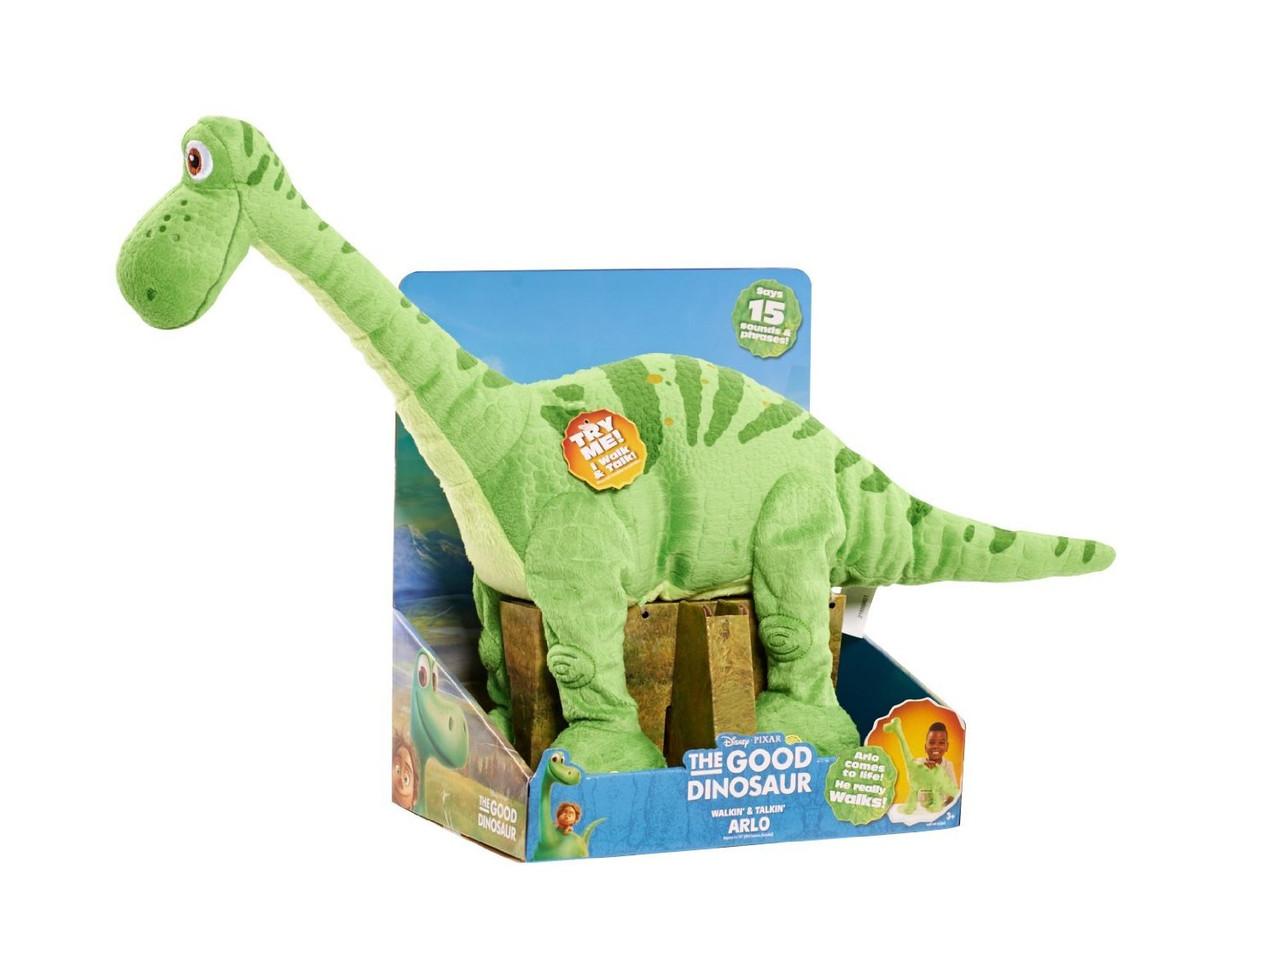 Большой динозавр Арло The Good Dinosaur Arlo Feature Plush